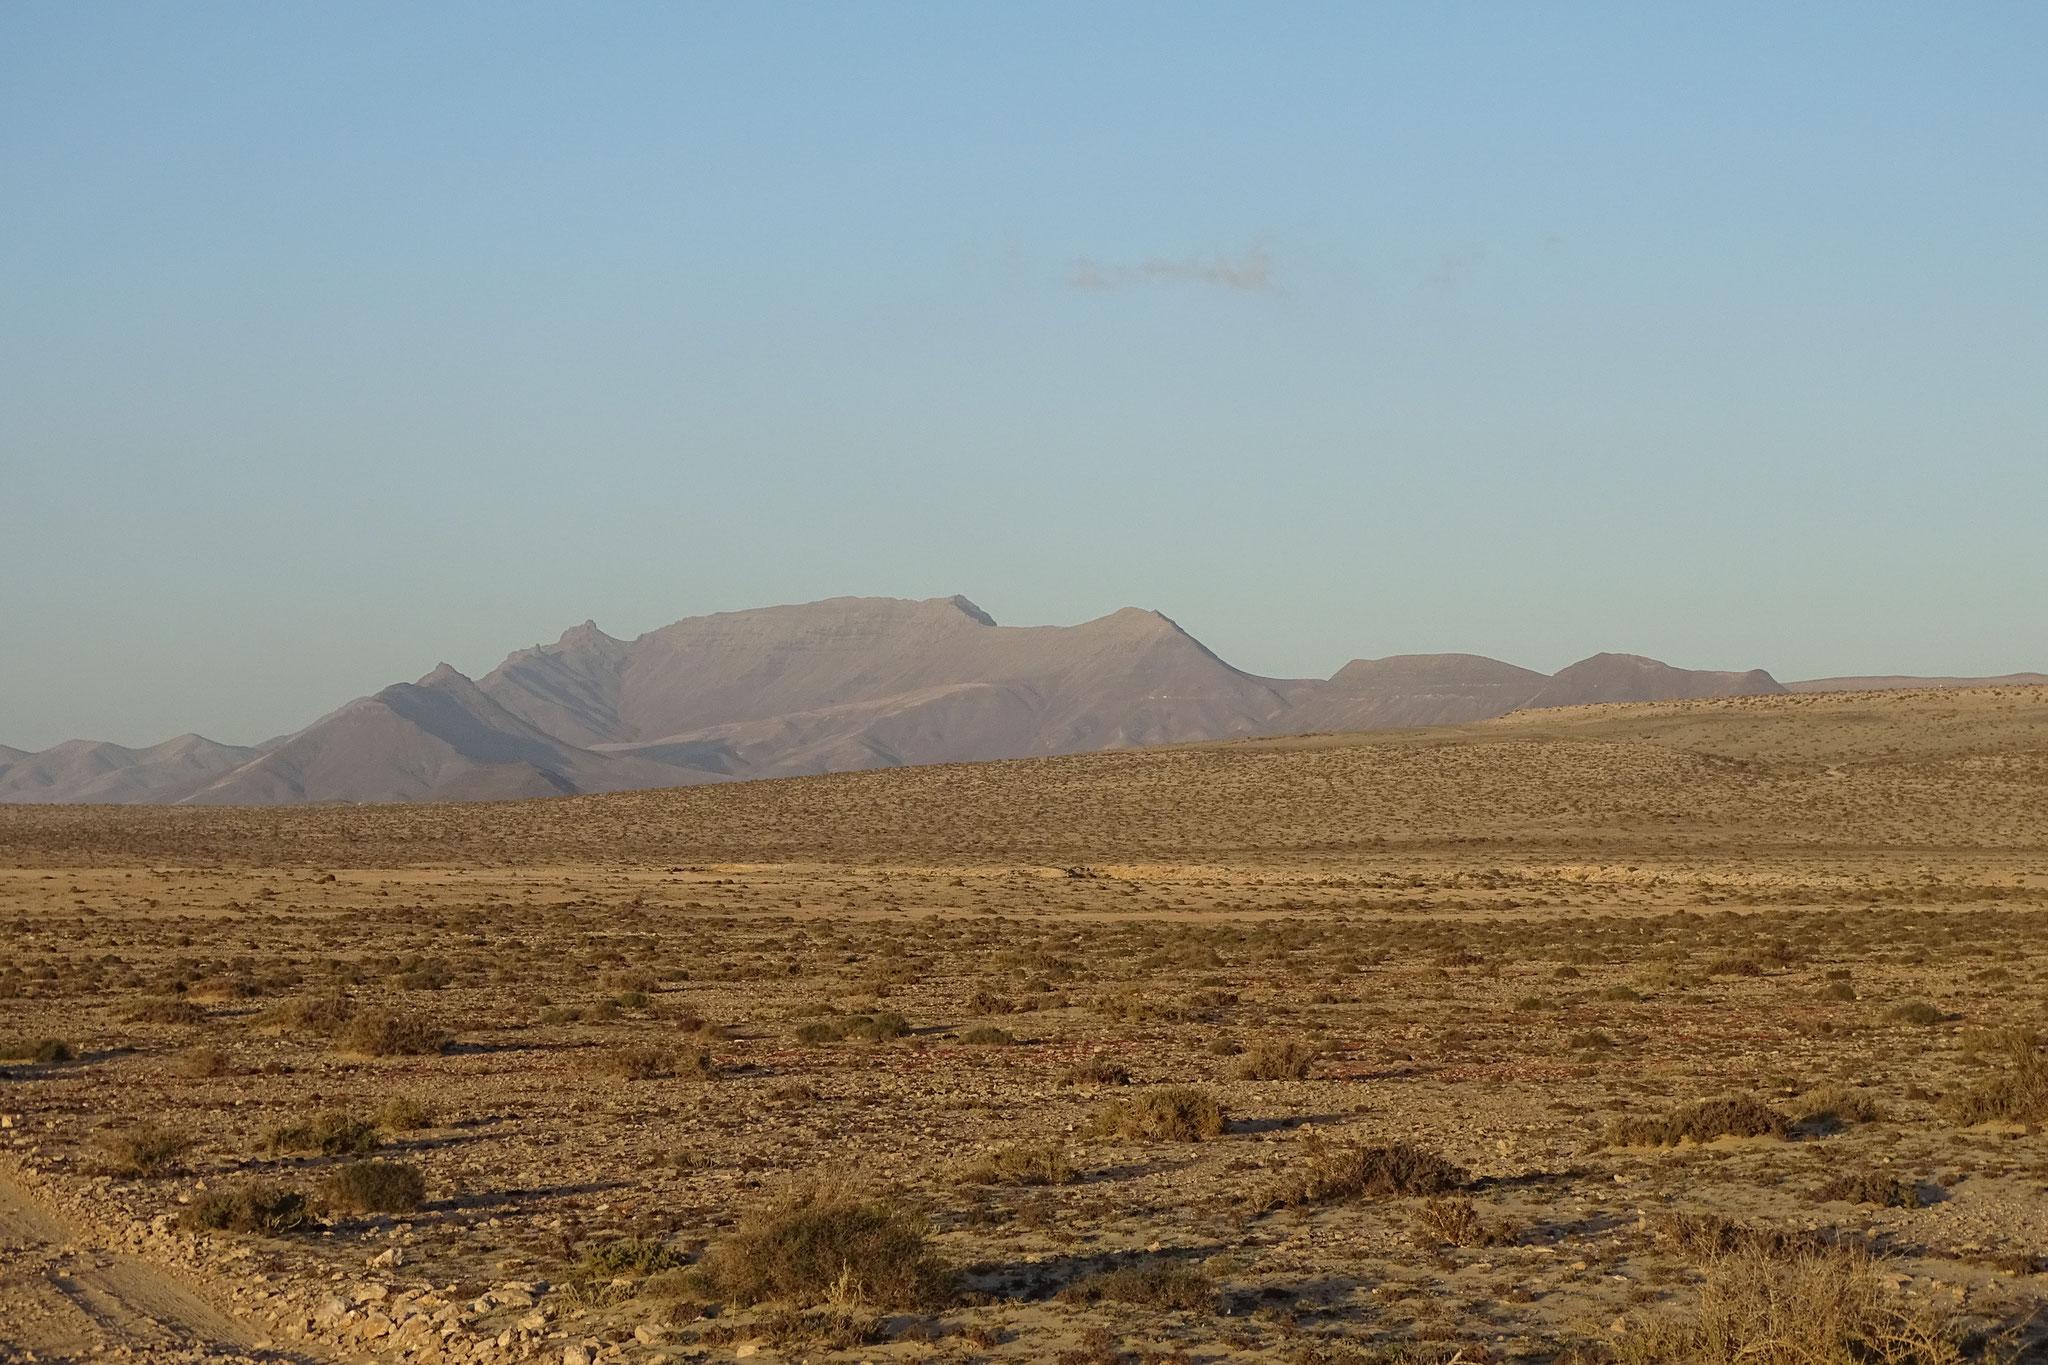 Auf den ersten Blick wirkt die Landschaft nicht sehr einladend, die verborgenen Juwelen gilt es zu entdecken